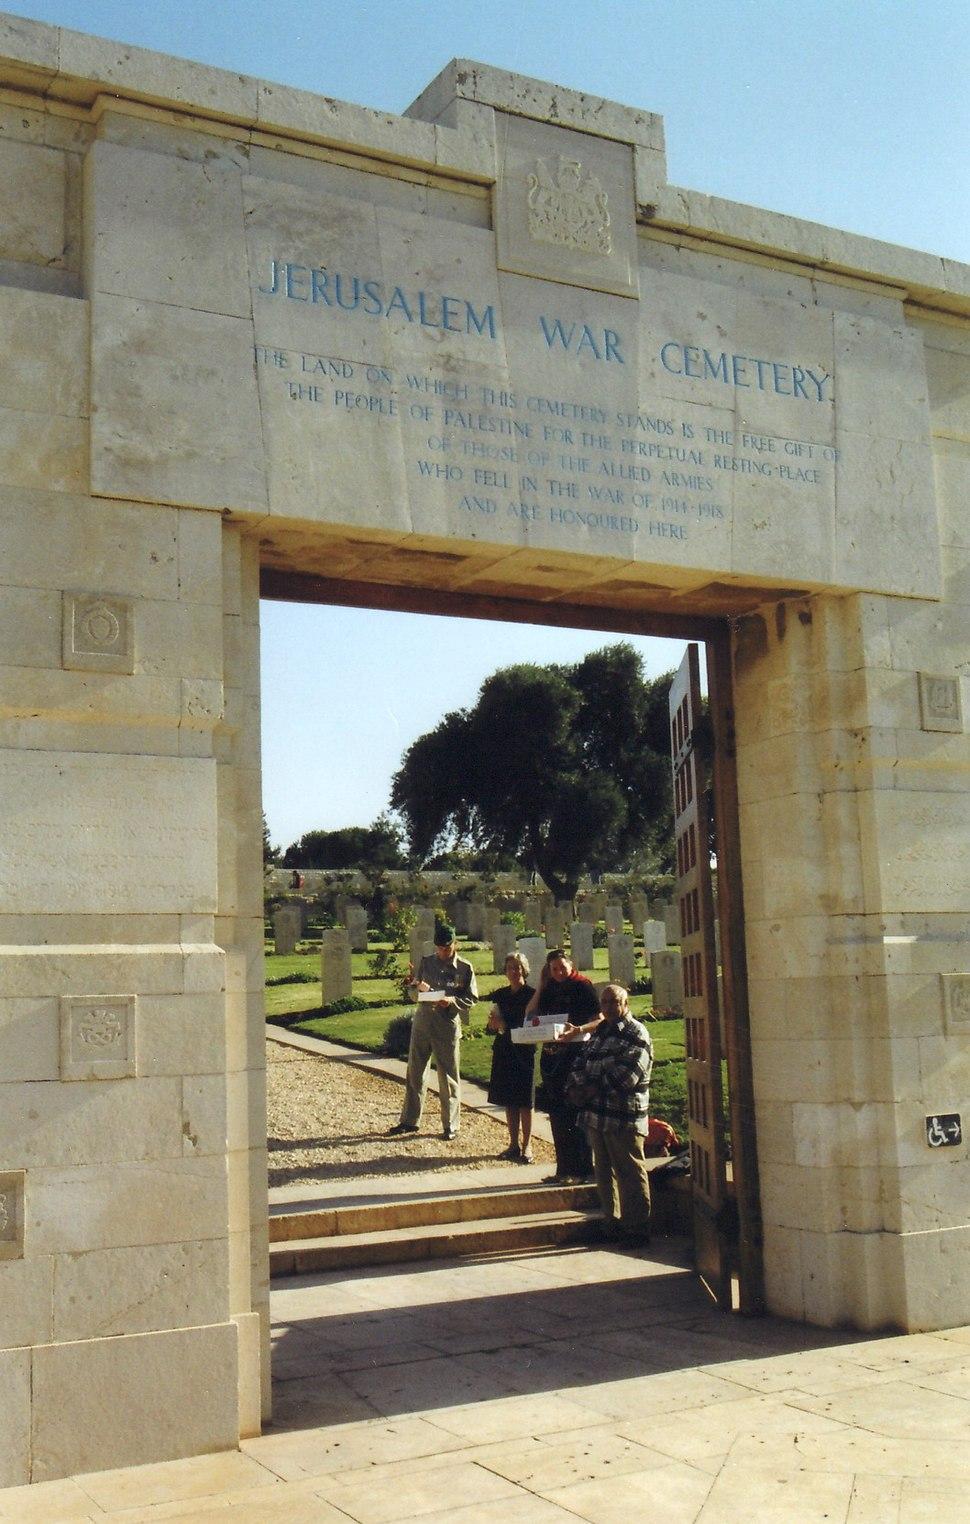 בית הקברות הבריטי בירושלים, שער הכניסה. 2006